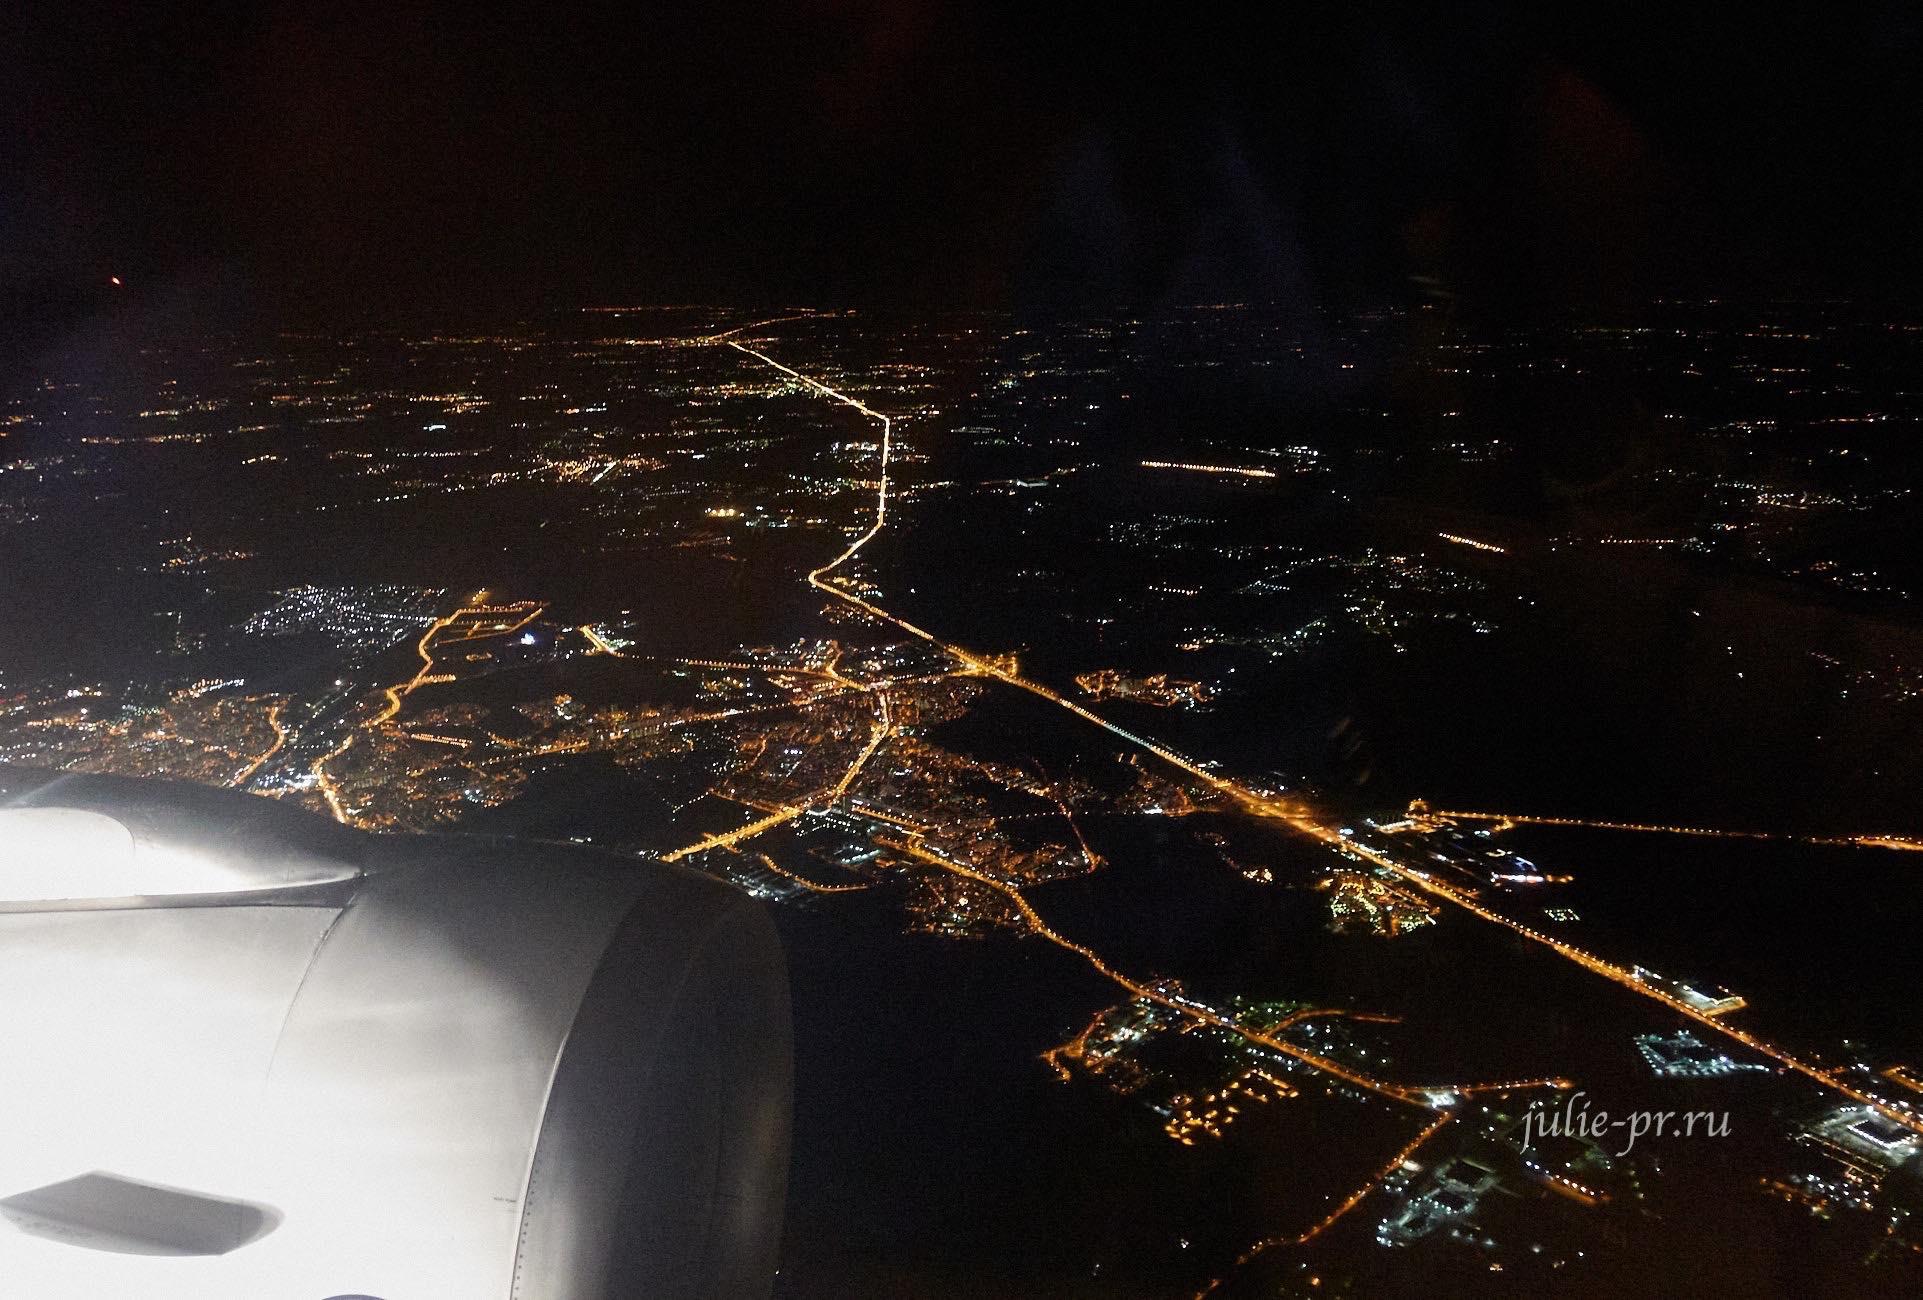 Вечерний перелёт из Парижа домой